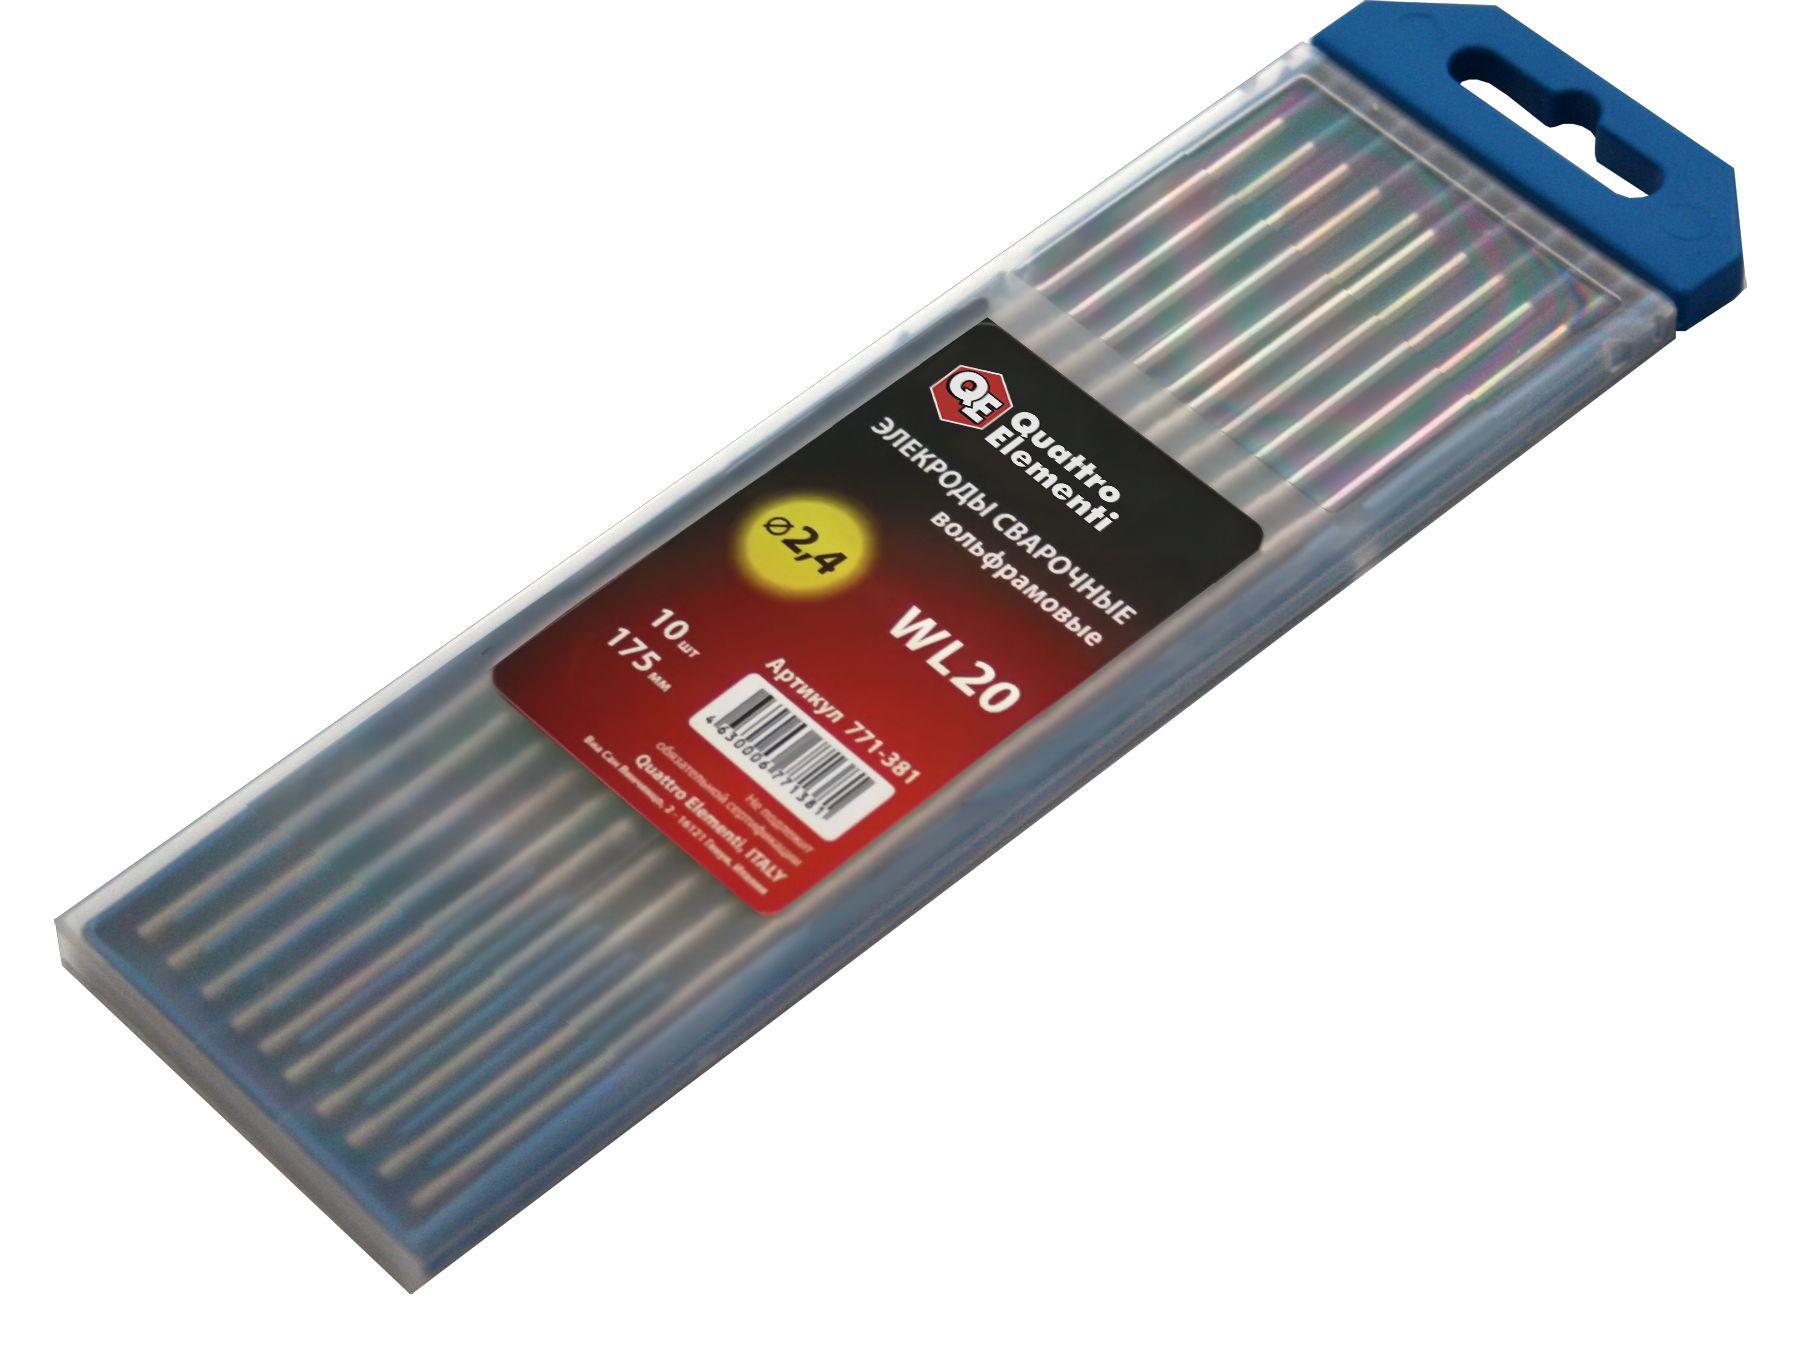 Фото Электроды сварочные Quattro Elementi вольфрамовые, 2.4 мм, длина 175 мм, тип WL 20, в пластиковом пенале (10 шт.) {771-381}